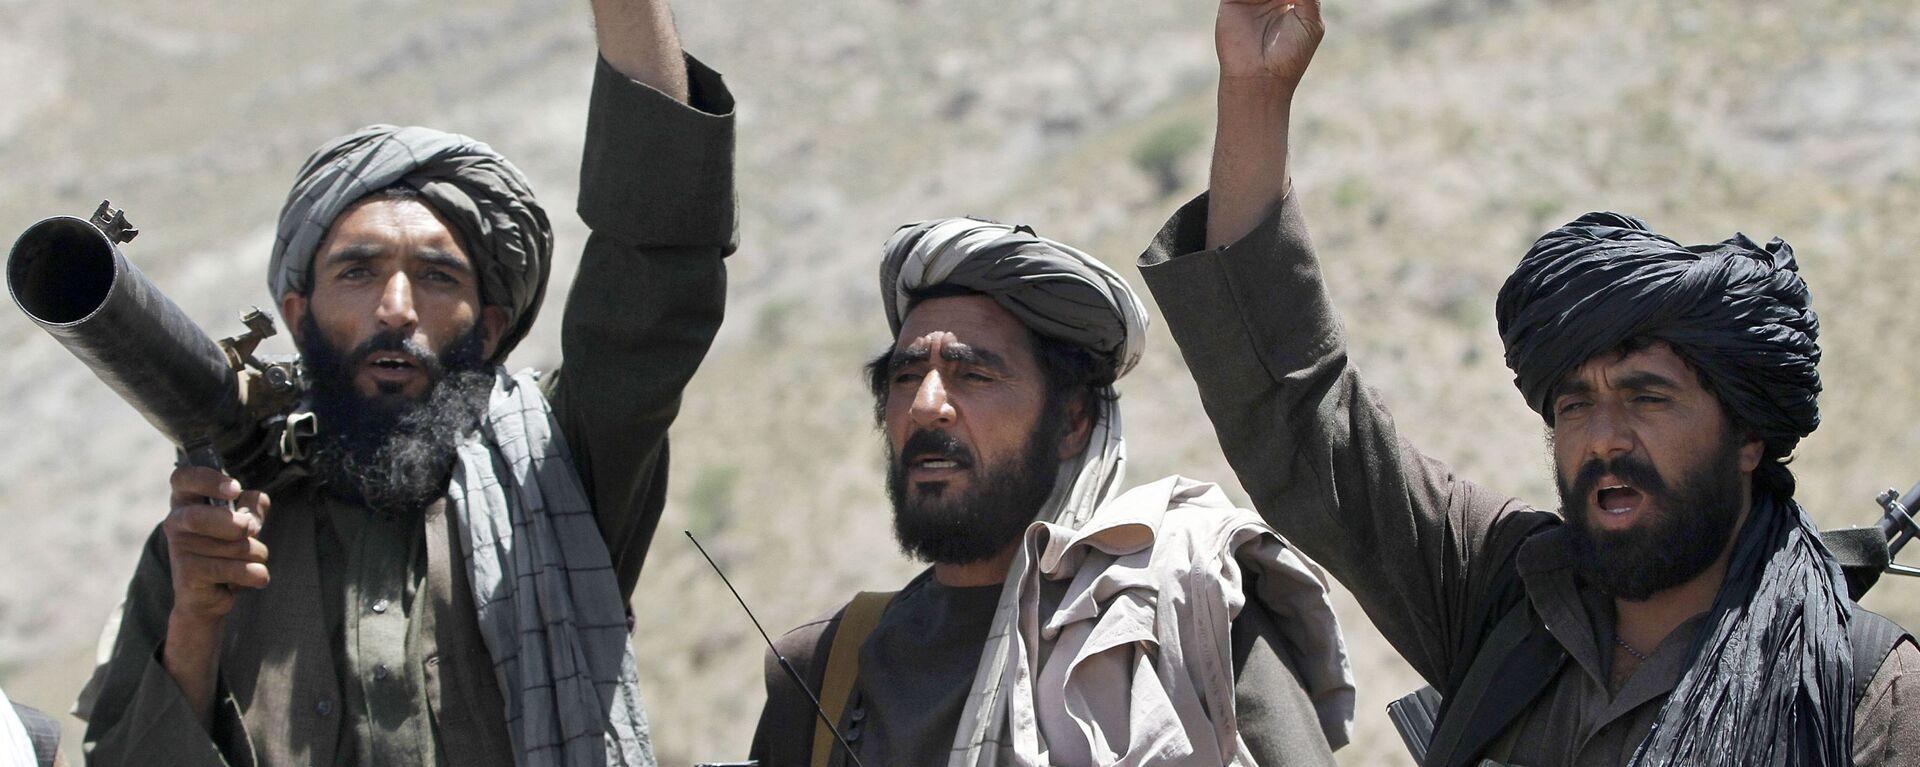 Członkowie ruchu Taliban w Afganistanie - Sputnik Polska, 1920, 09.07.2021